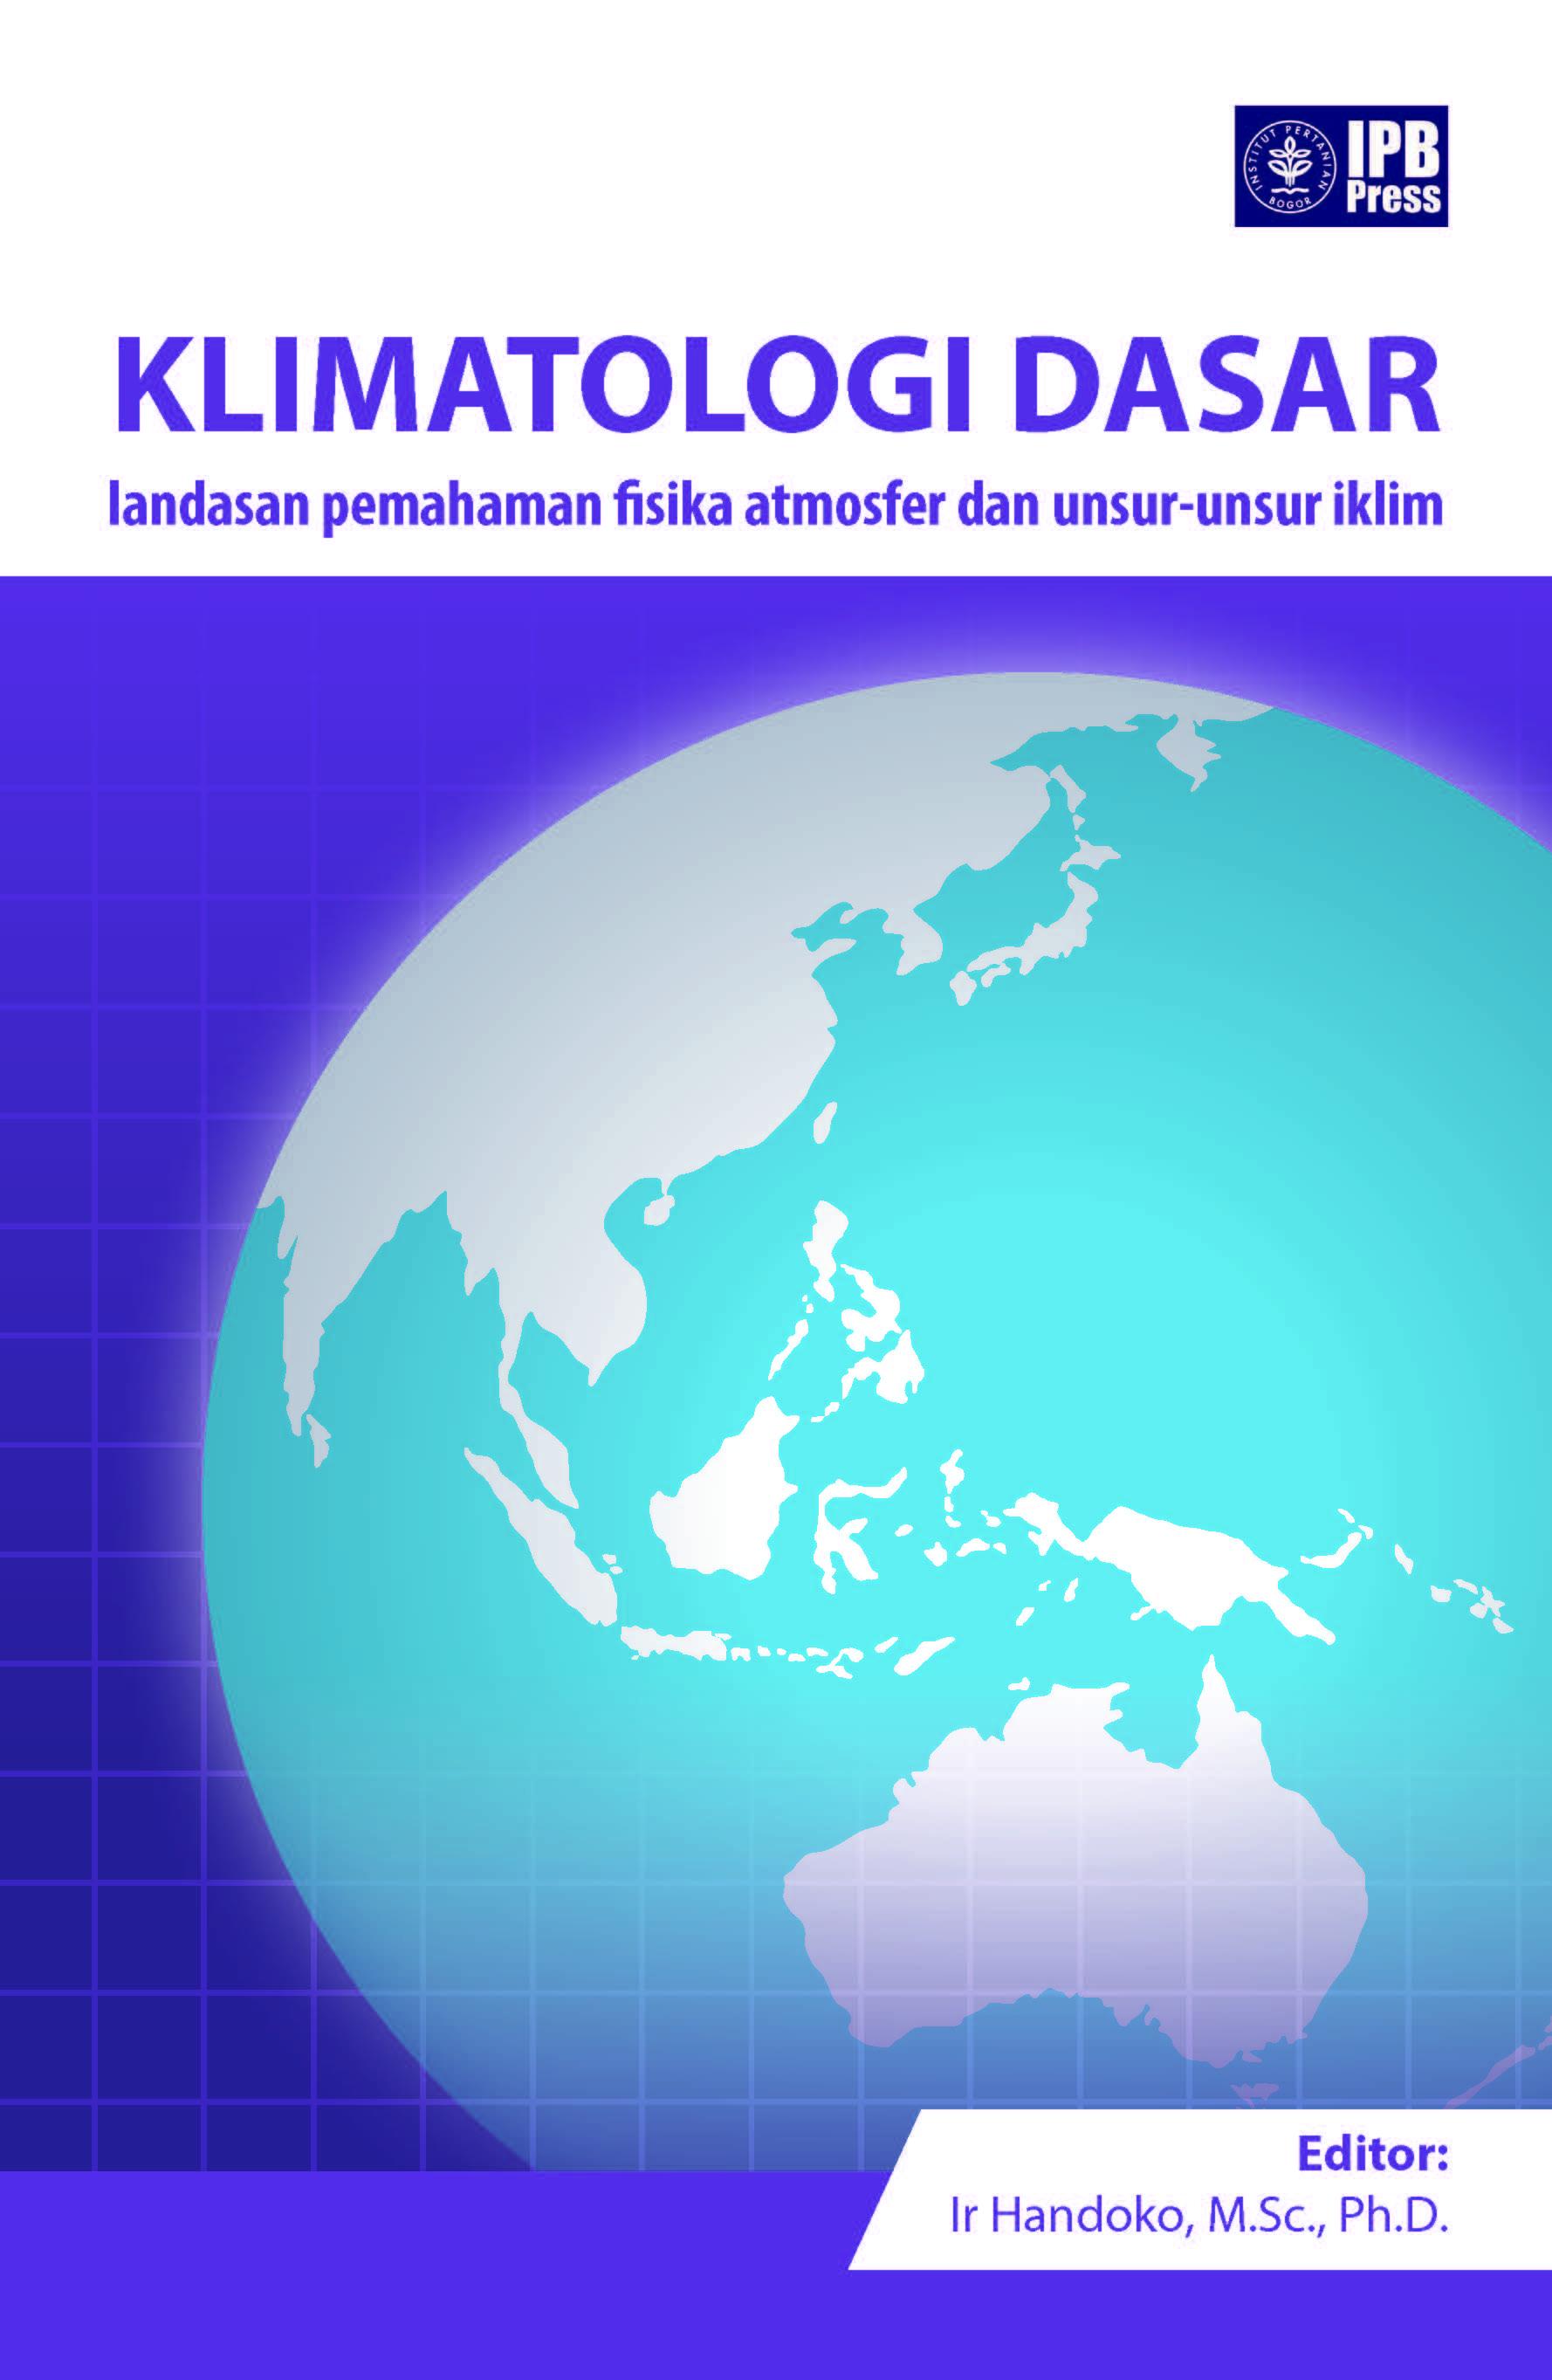 Klimatologi dasar [sumber elektronis]: